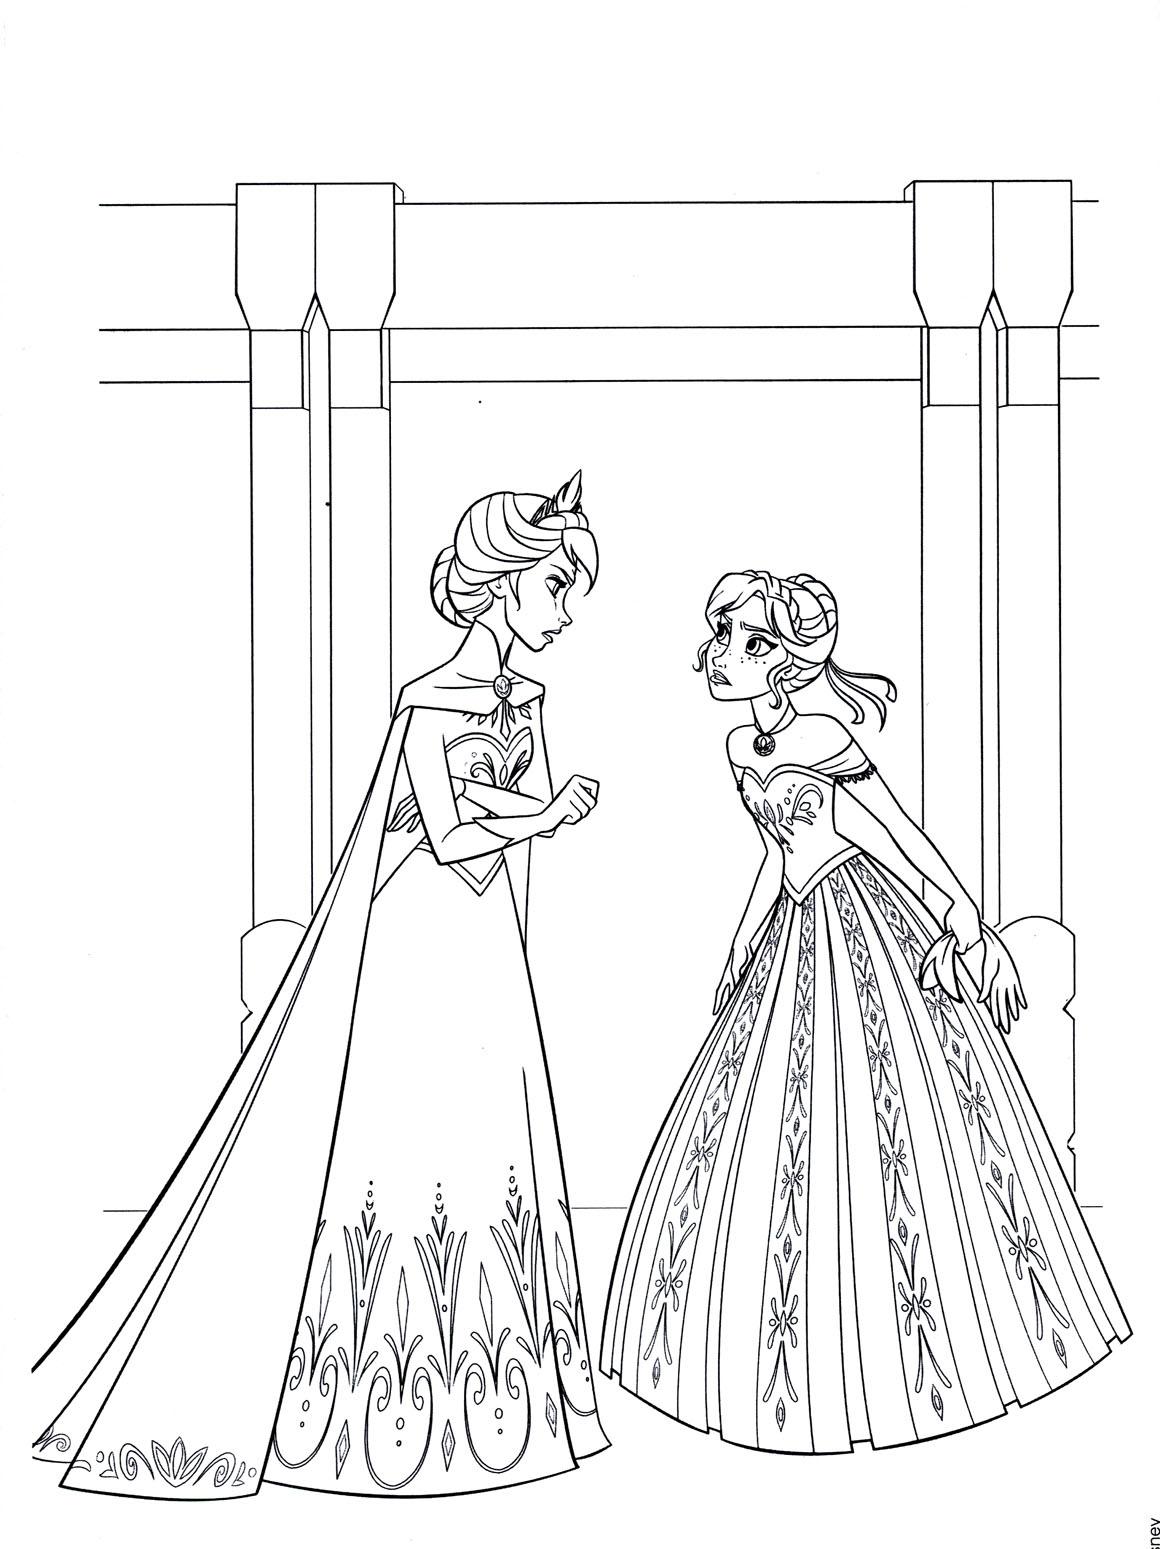 La reine des neiges disney 10 coloriage la reine des neiges coloriages pour enfants - Dessin a imprimer la reine des neiges ...